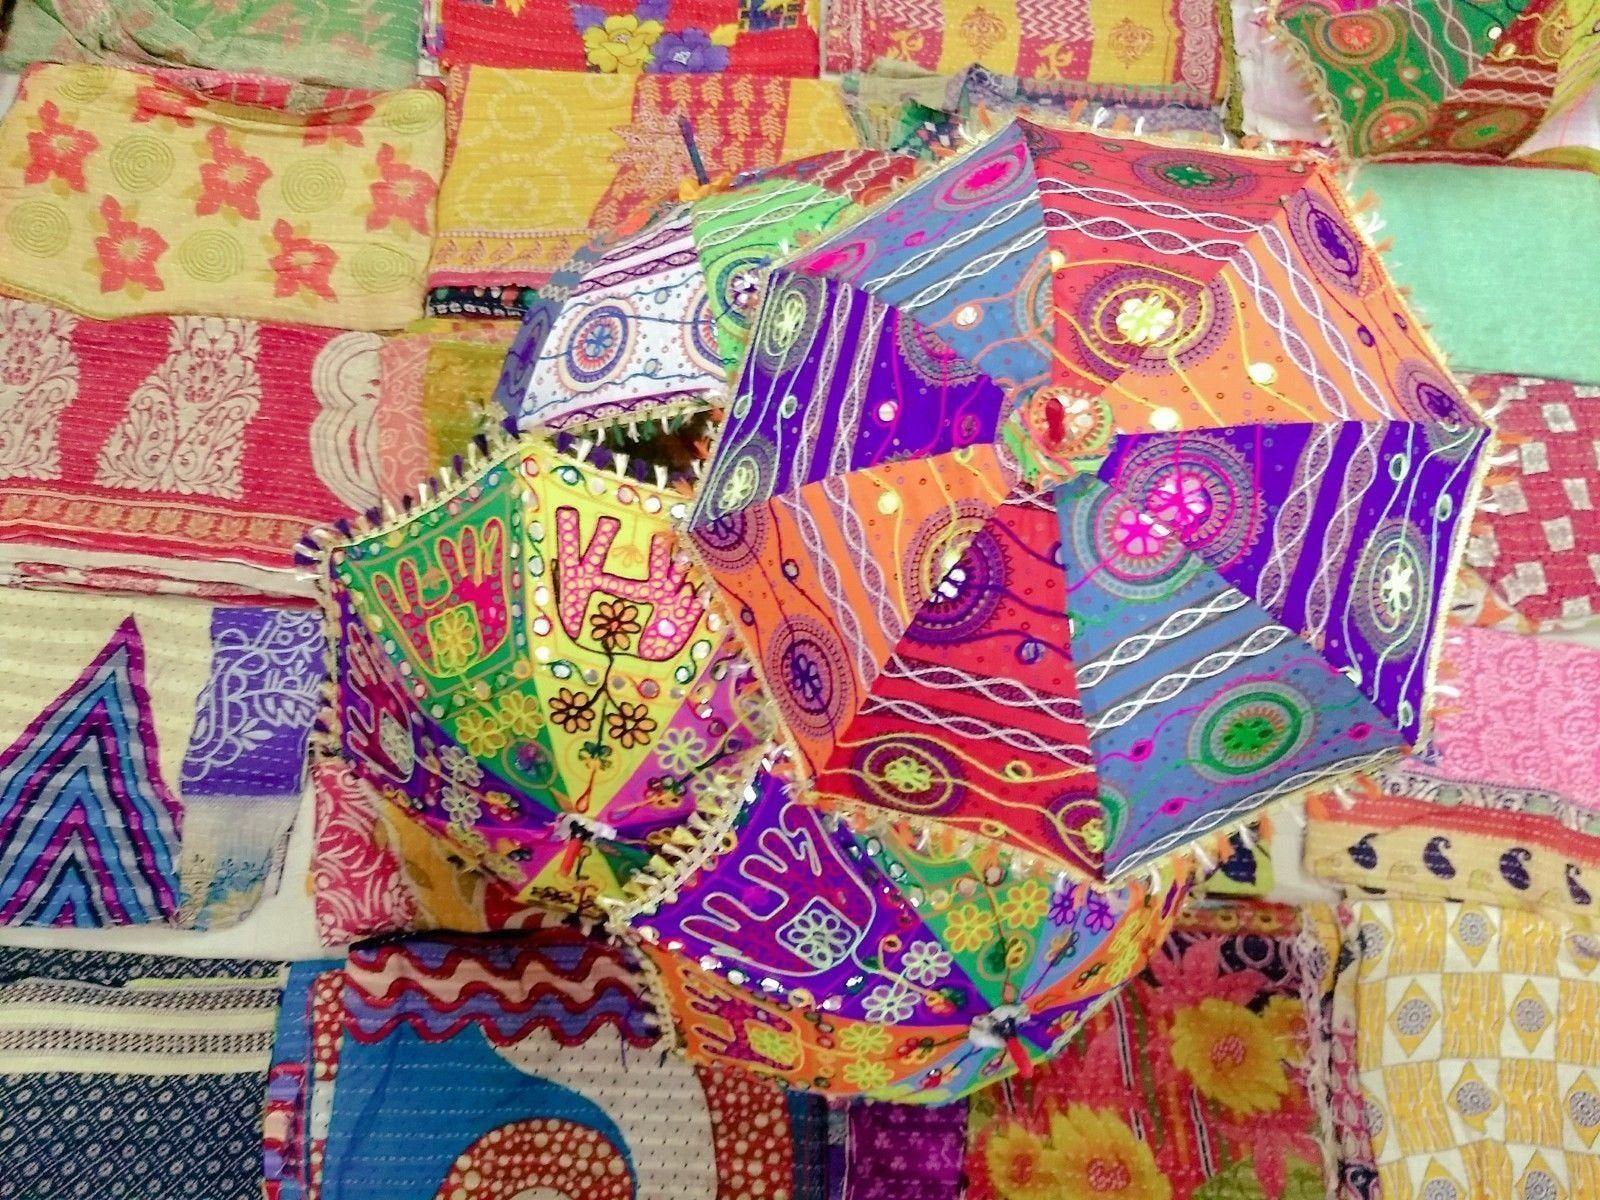 Indian Desinger Umbrellas Vintage Cotton Embroidered Parasol Decor 20 Pcs Lot